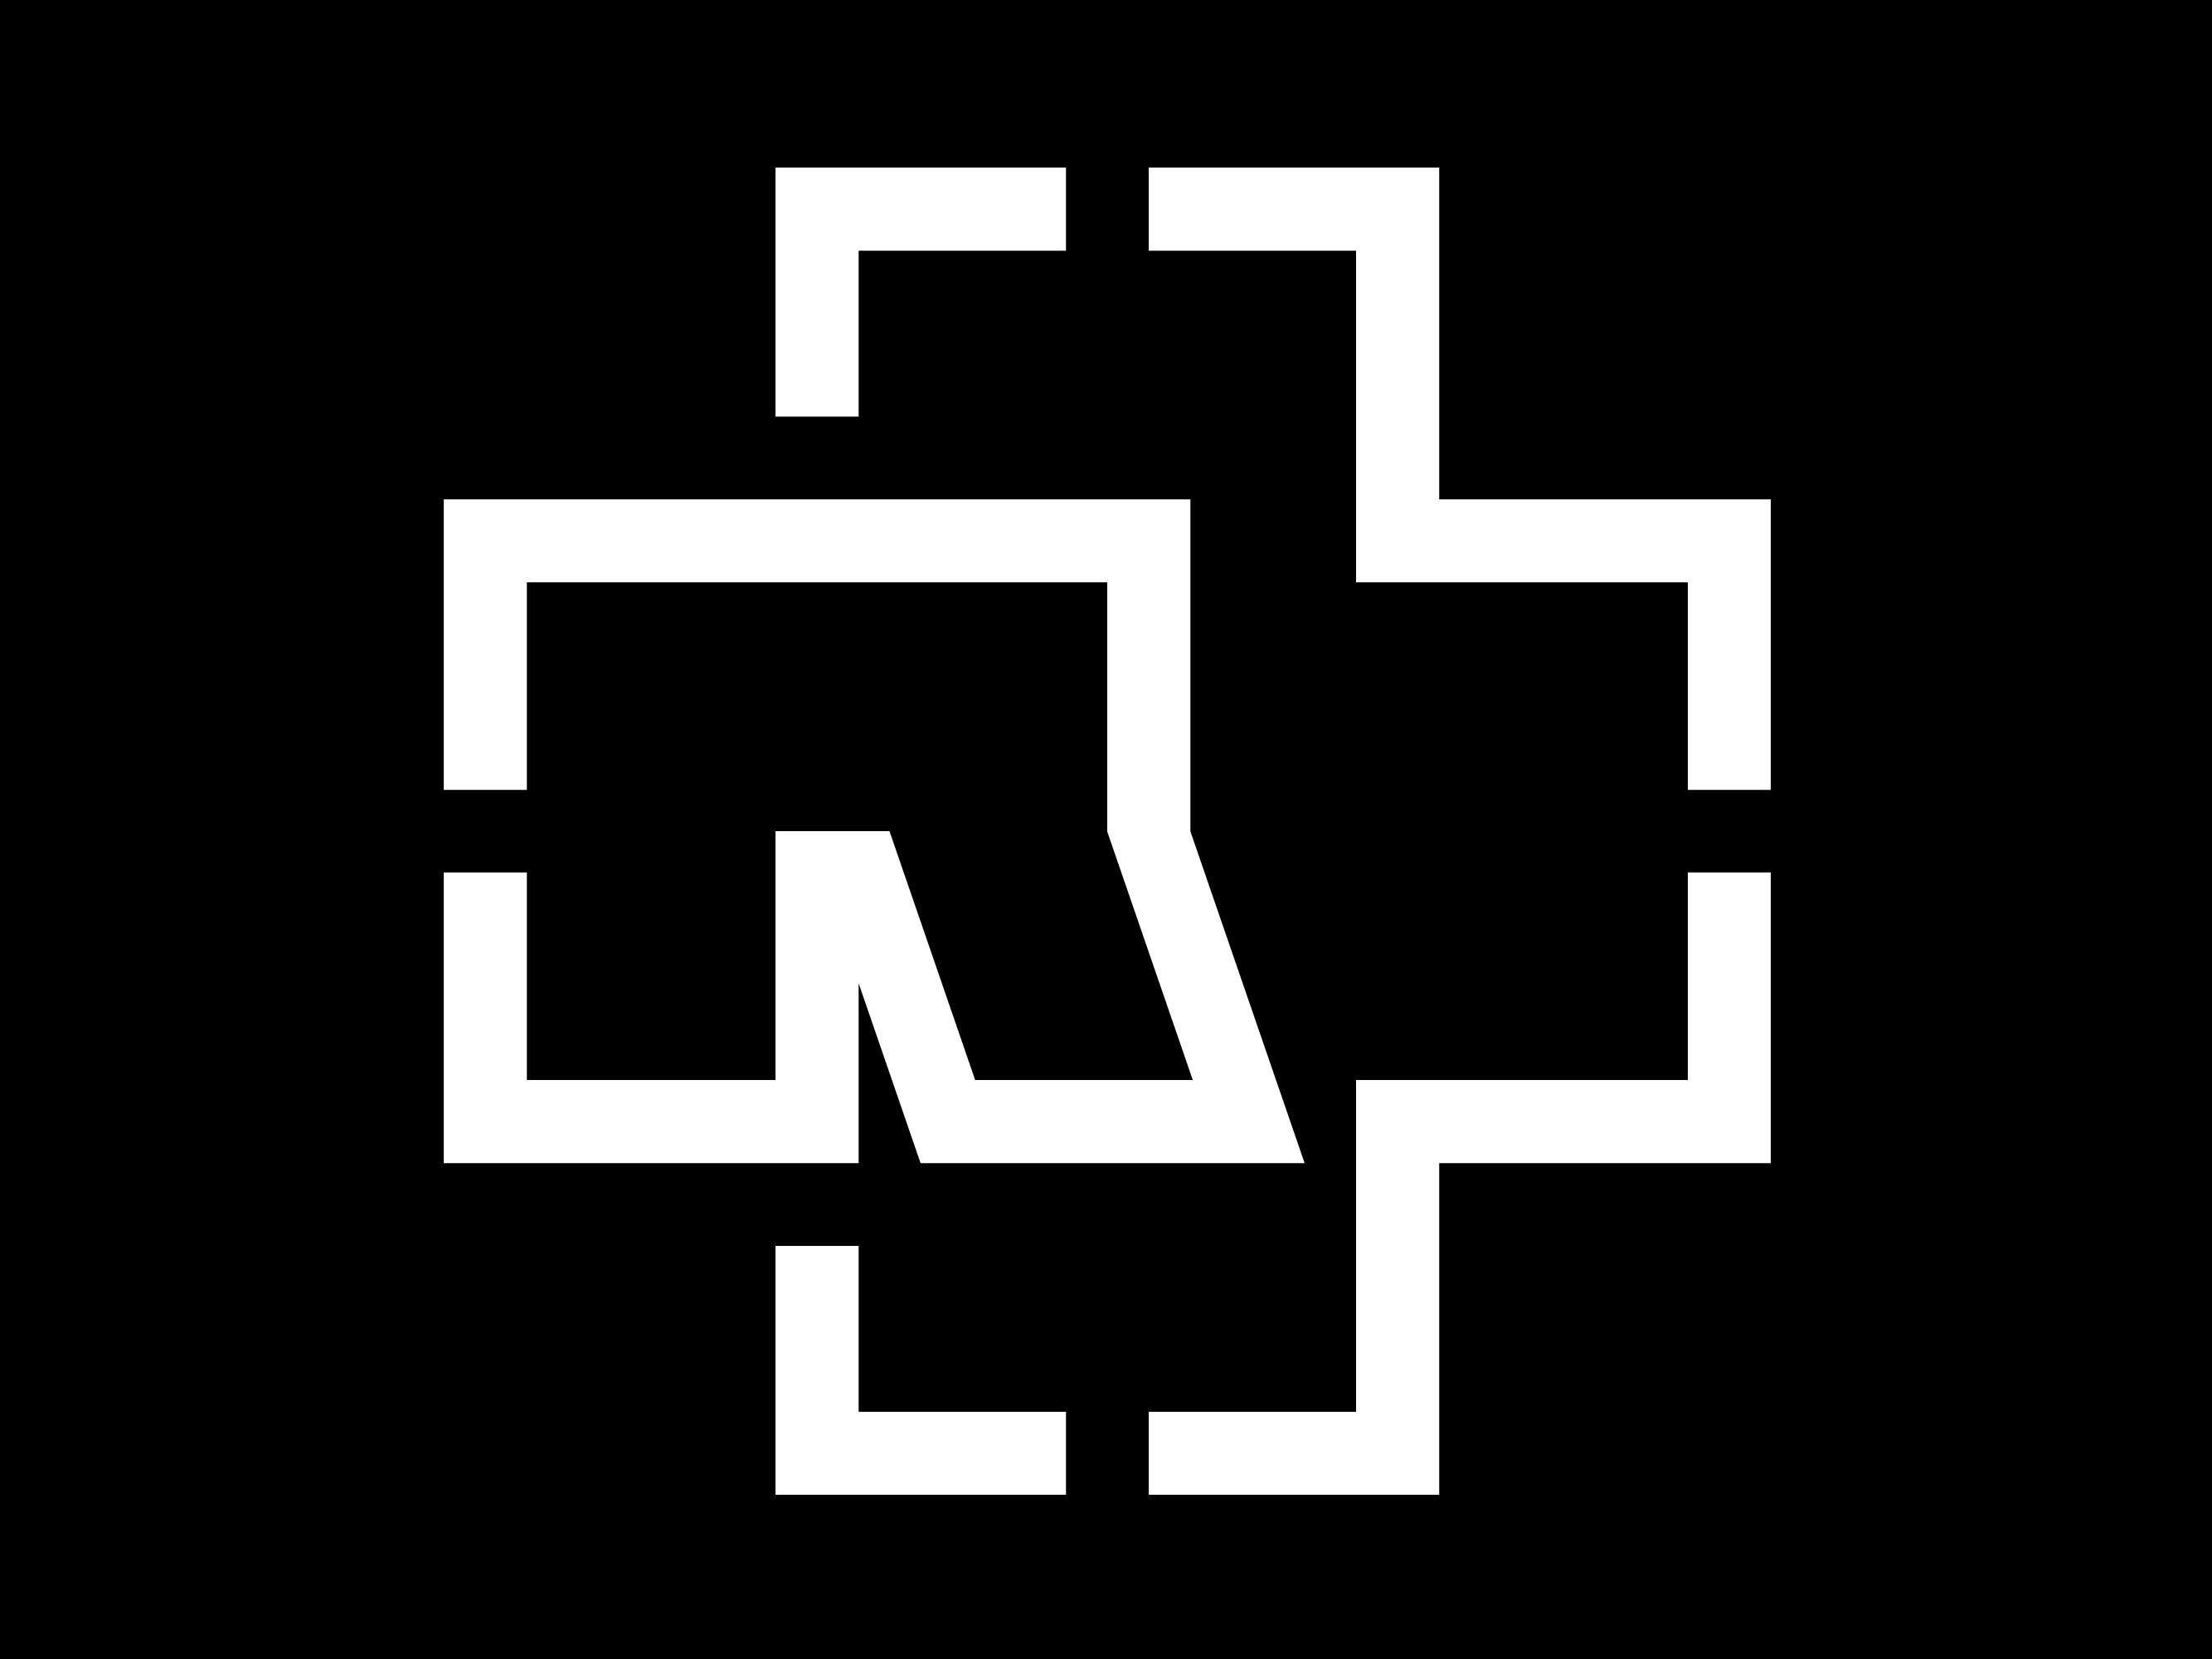 フィギュア エキシビション | マーベル DC アメコミ ゾンビ風 ステッカー 13の通販 by タコぼ@アメコミgood's shop|ラクマ